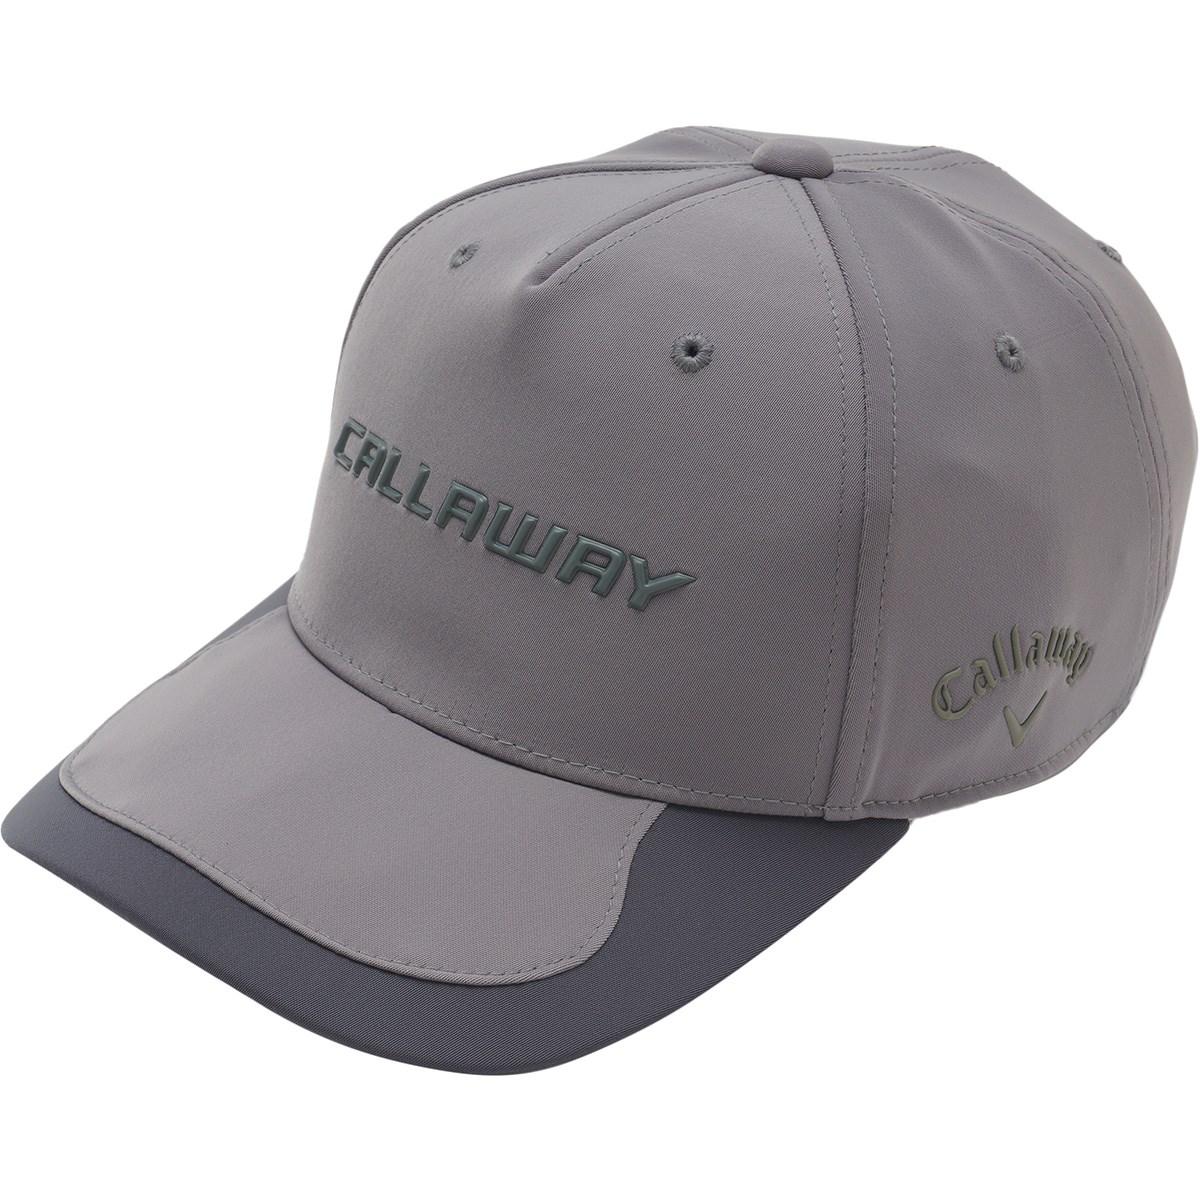 キャロウェイゴルフ(Callaway Golf) 高周波ロゴキャップ